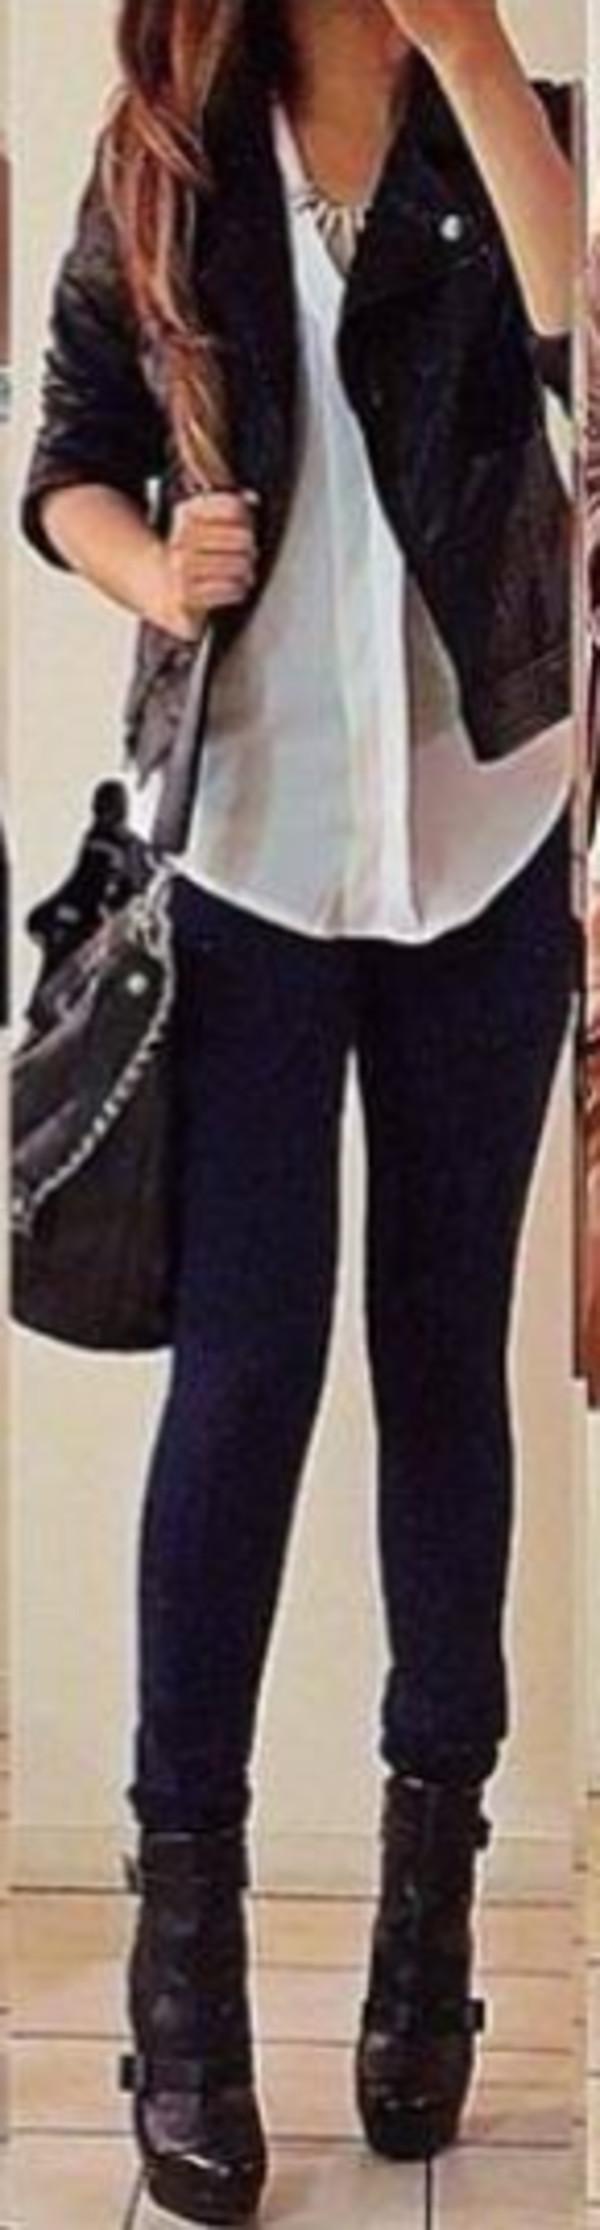 jeans jewels bag shoes blouse jacket